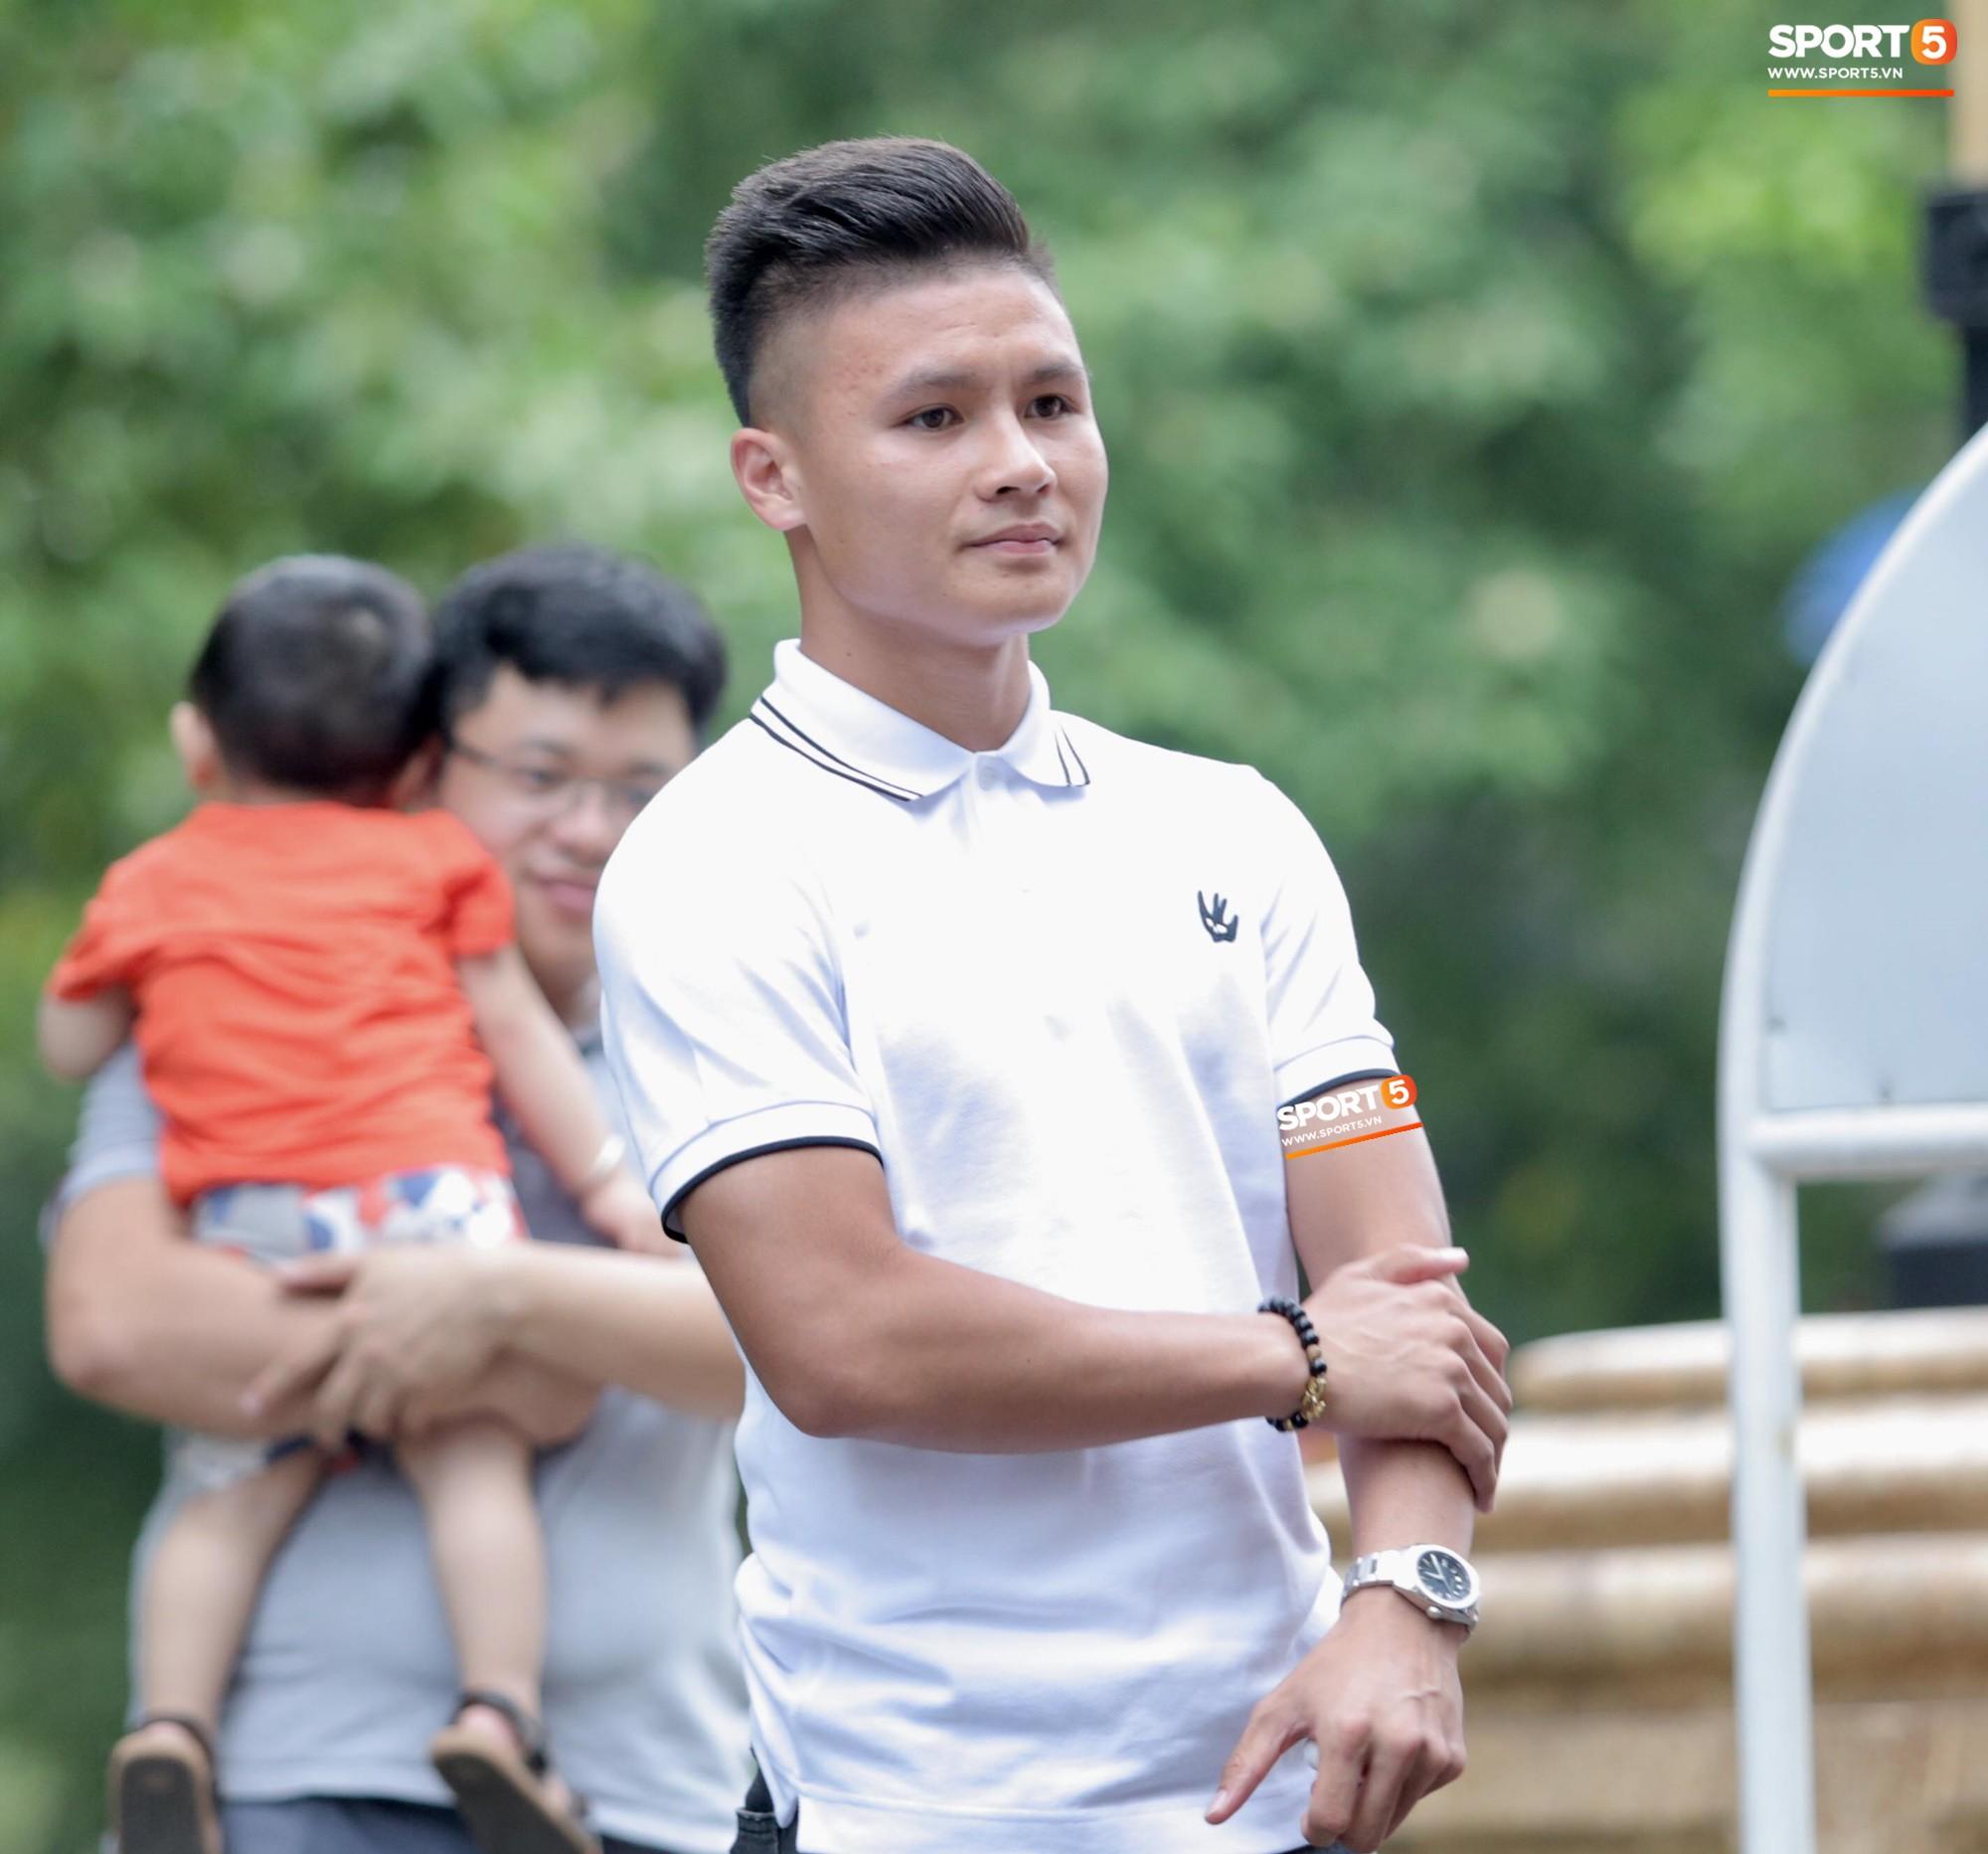 Trong màu áo trắng, Quang Hải trẻ trung nhưng cũng đang theo vẻ điềm tĩnh vốn có.